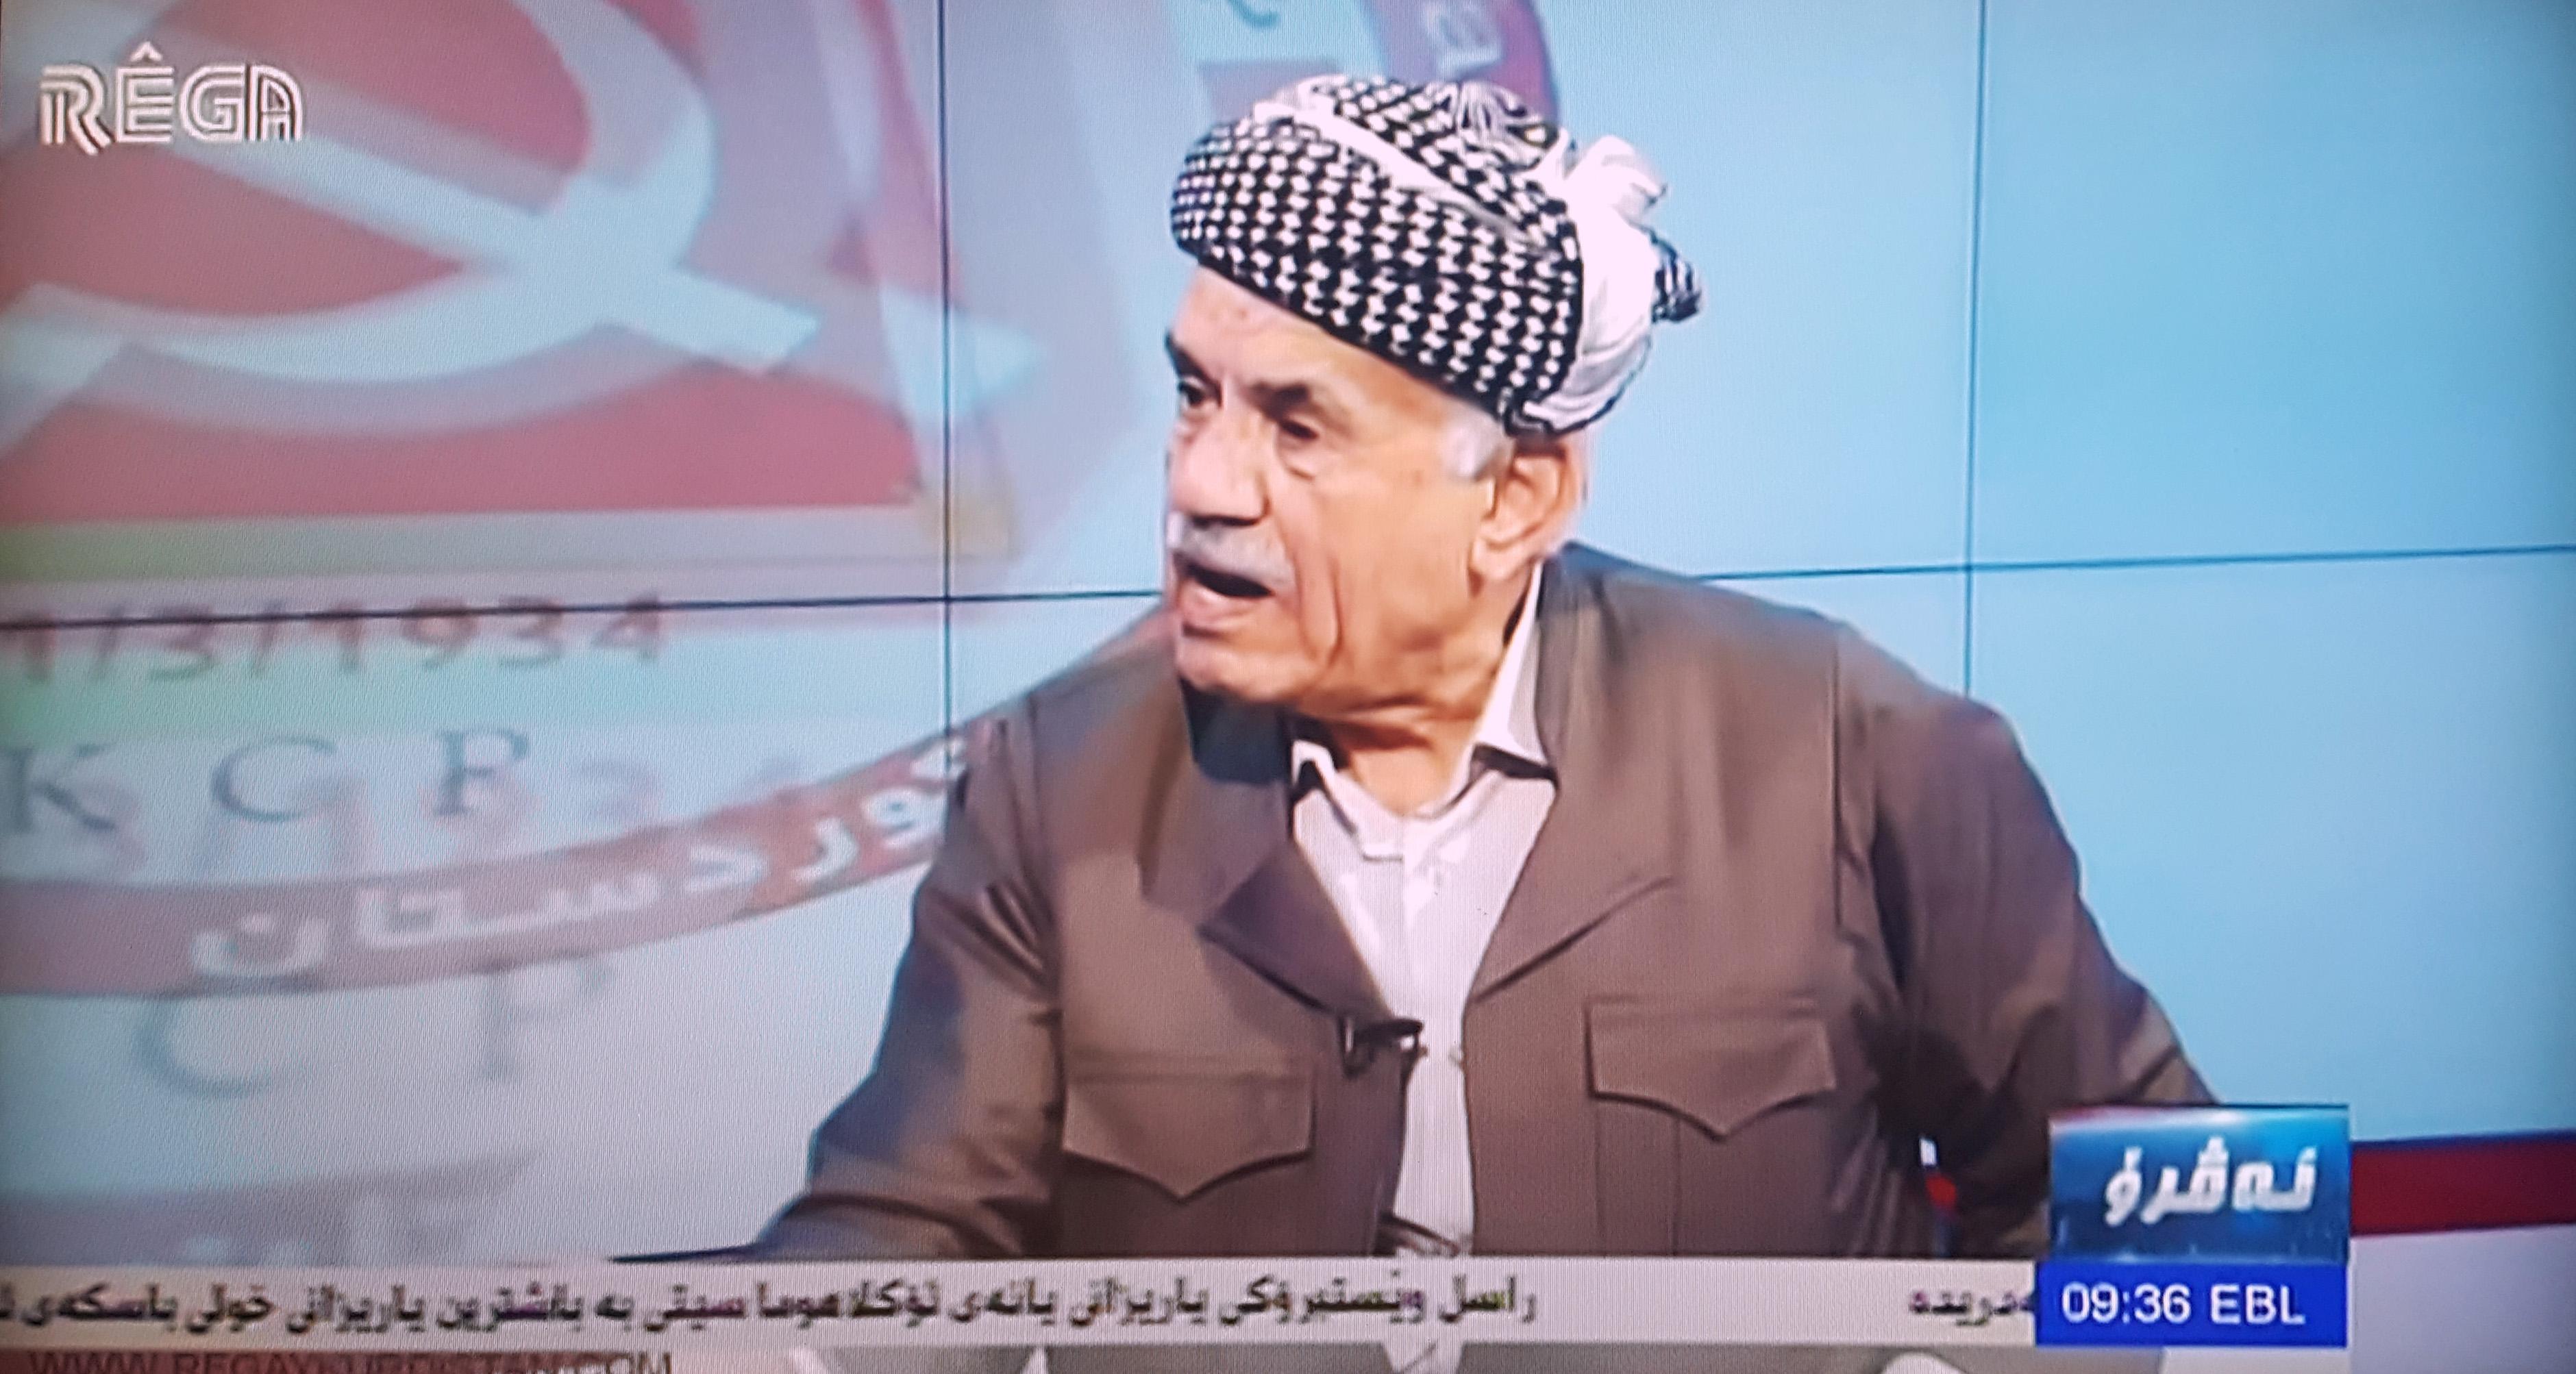 Ibrahim Sofi